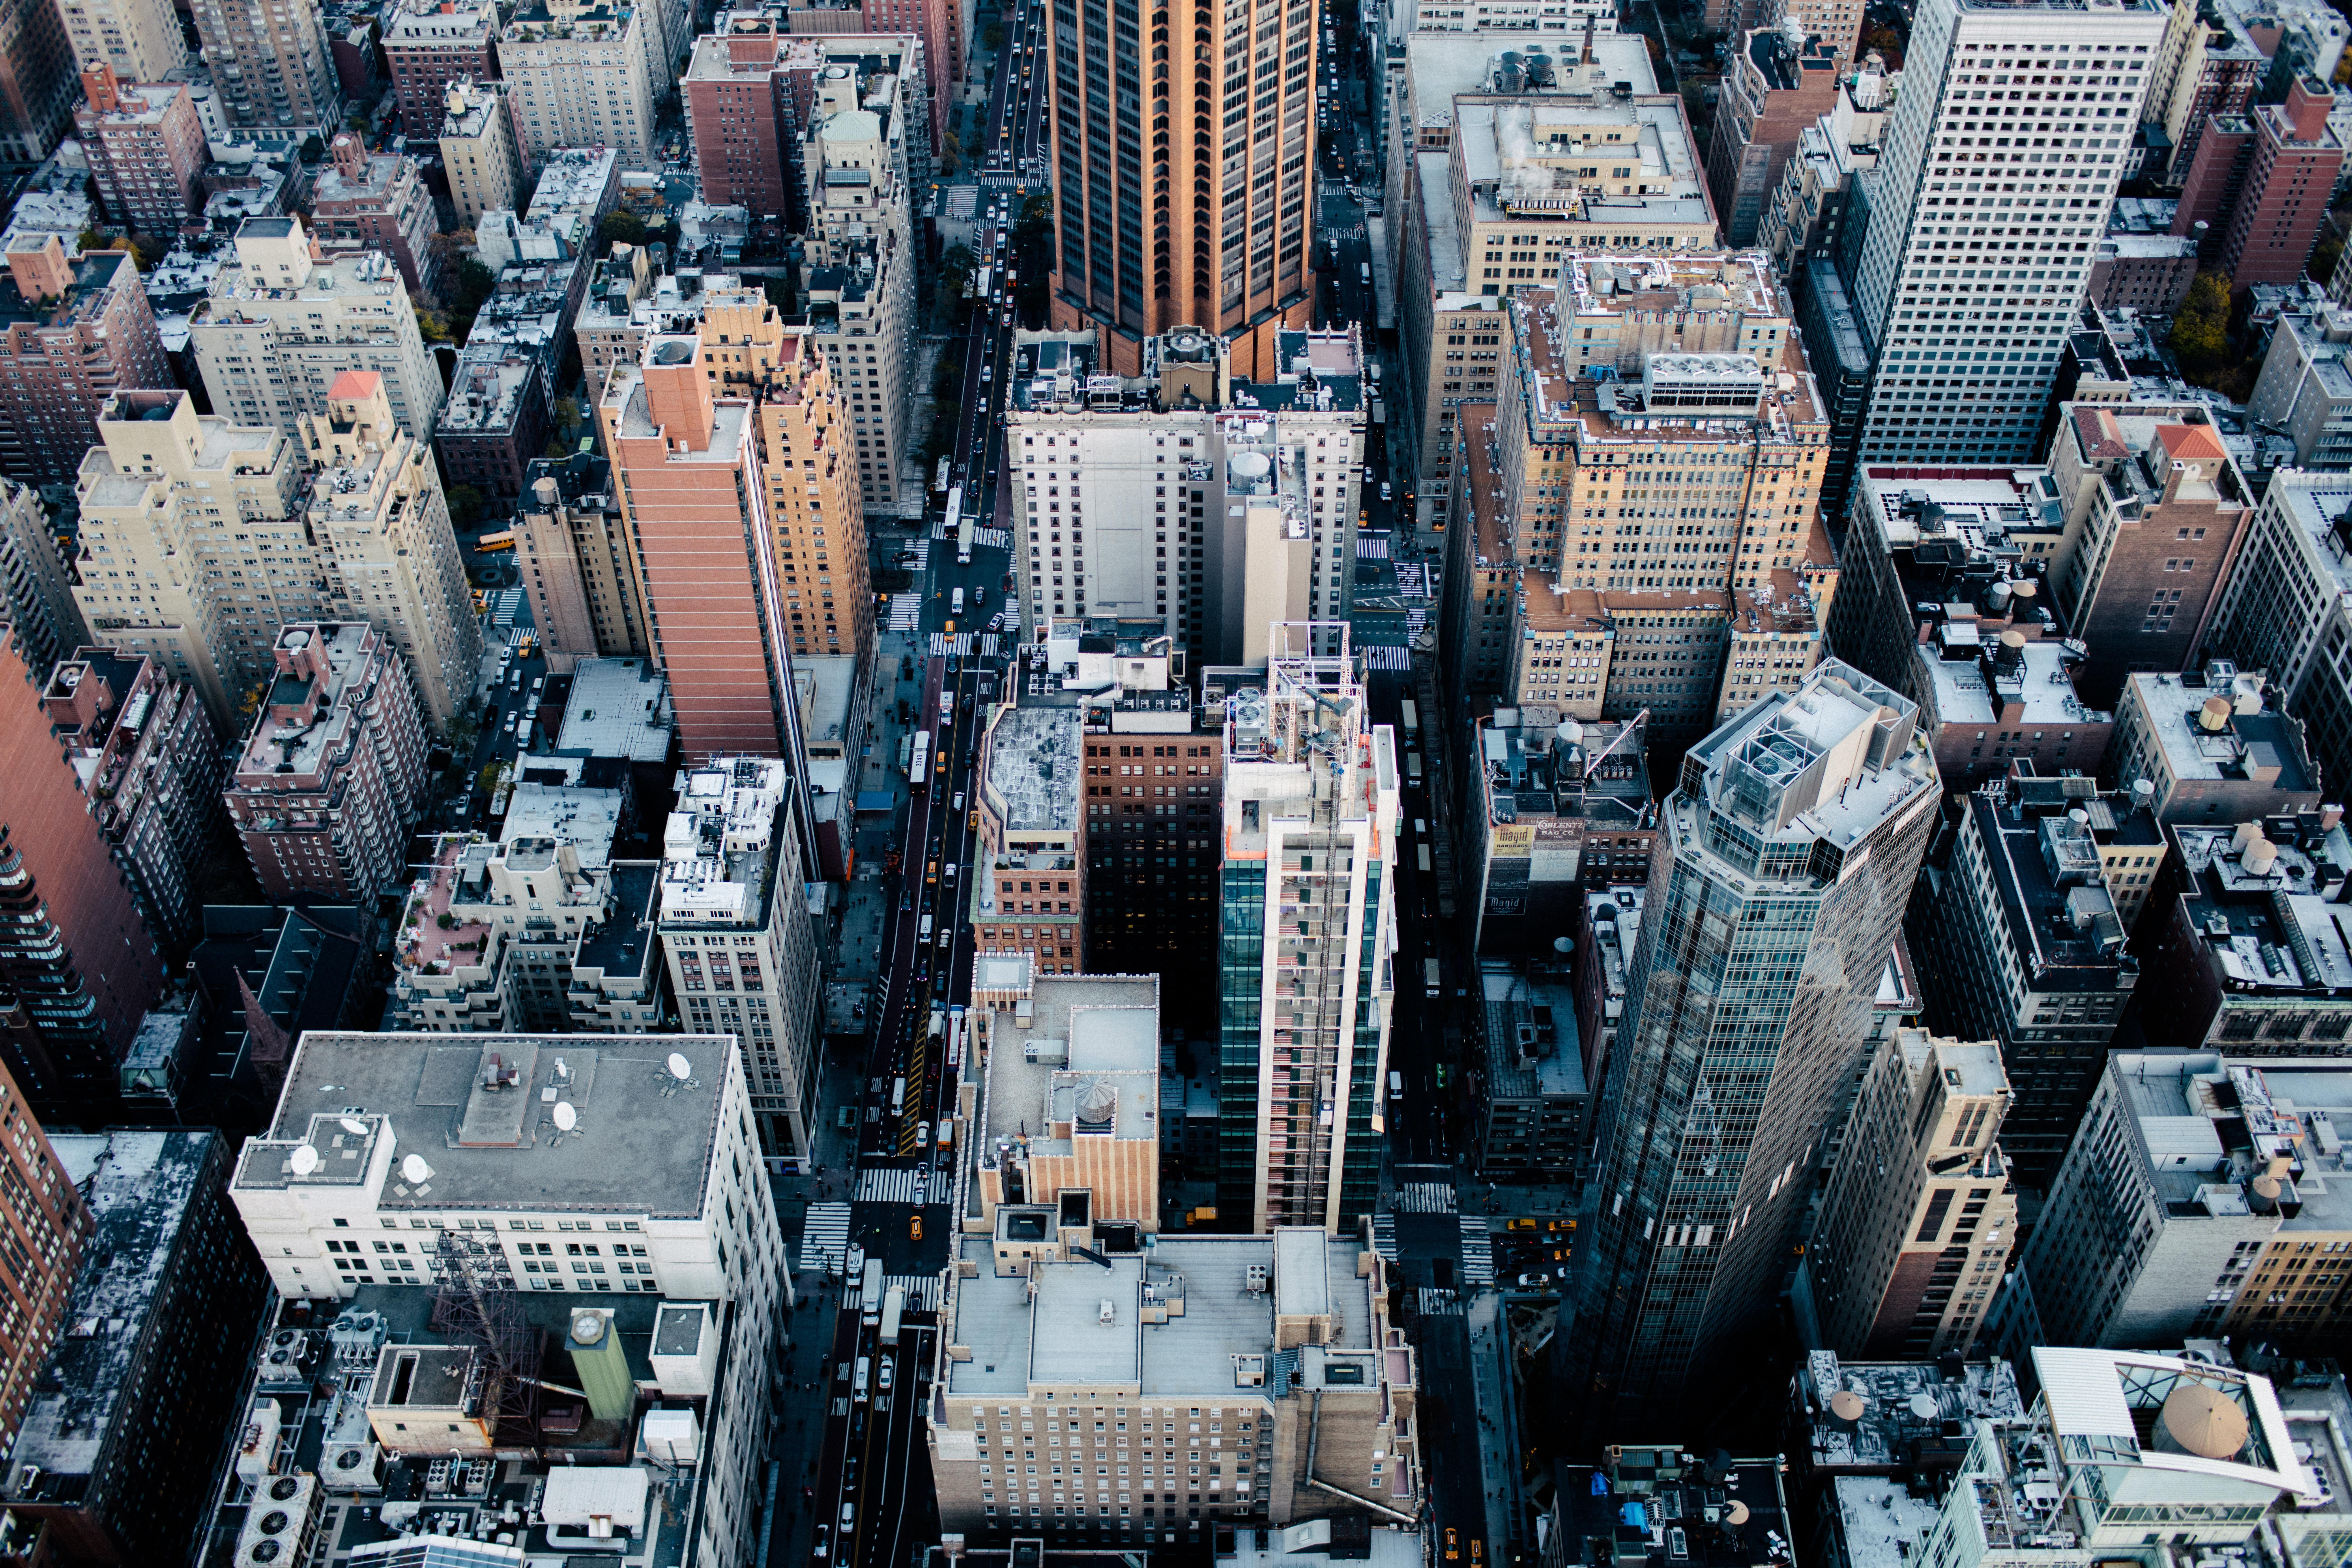 31 octubre dia mundial ciudades